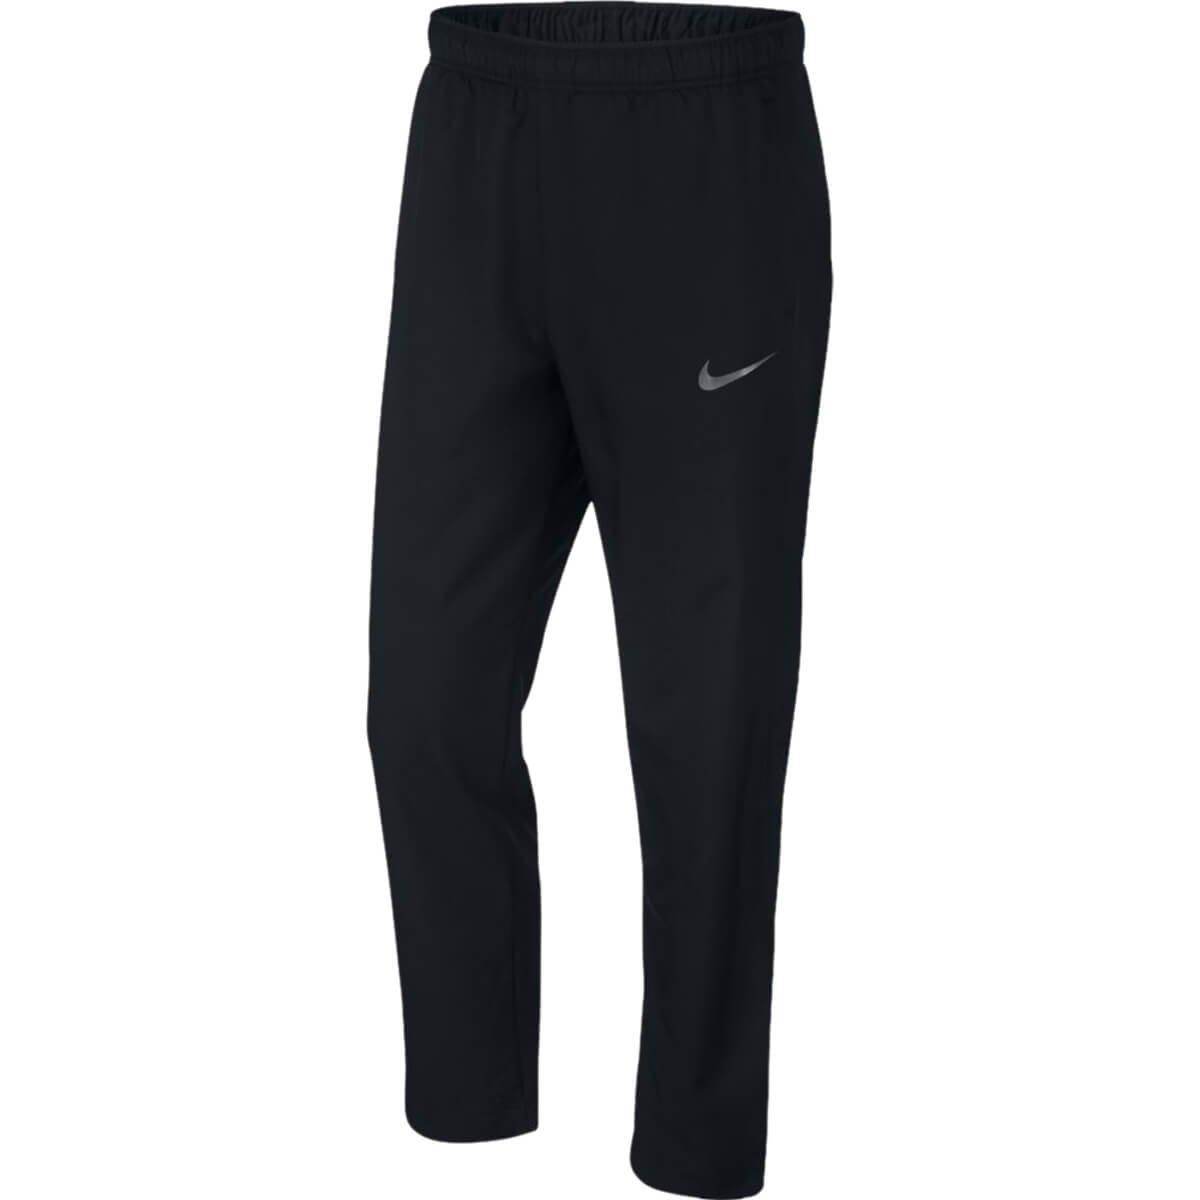 c6c137cd7 Bizz Store - Calça Masculina Nike Dry Team Woven